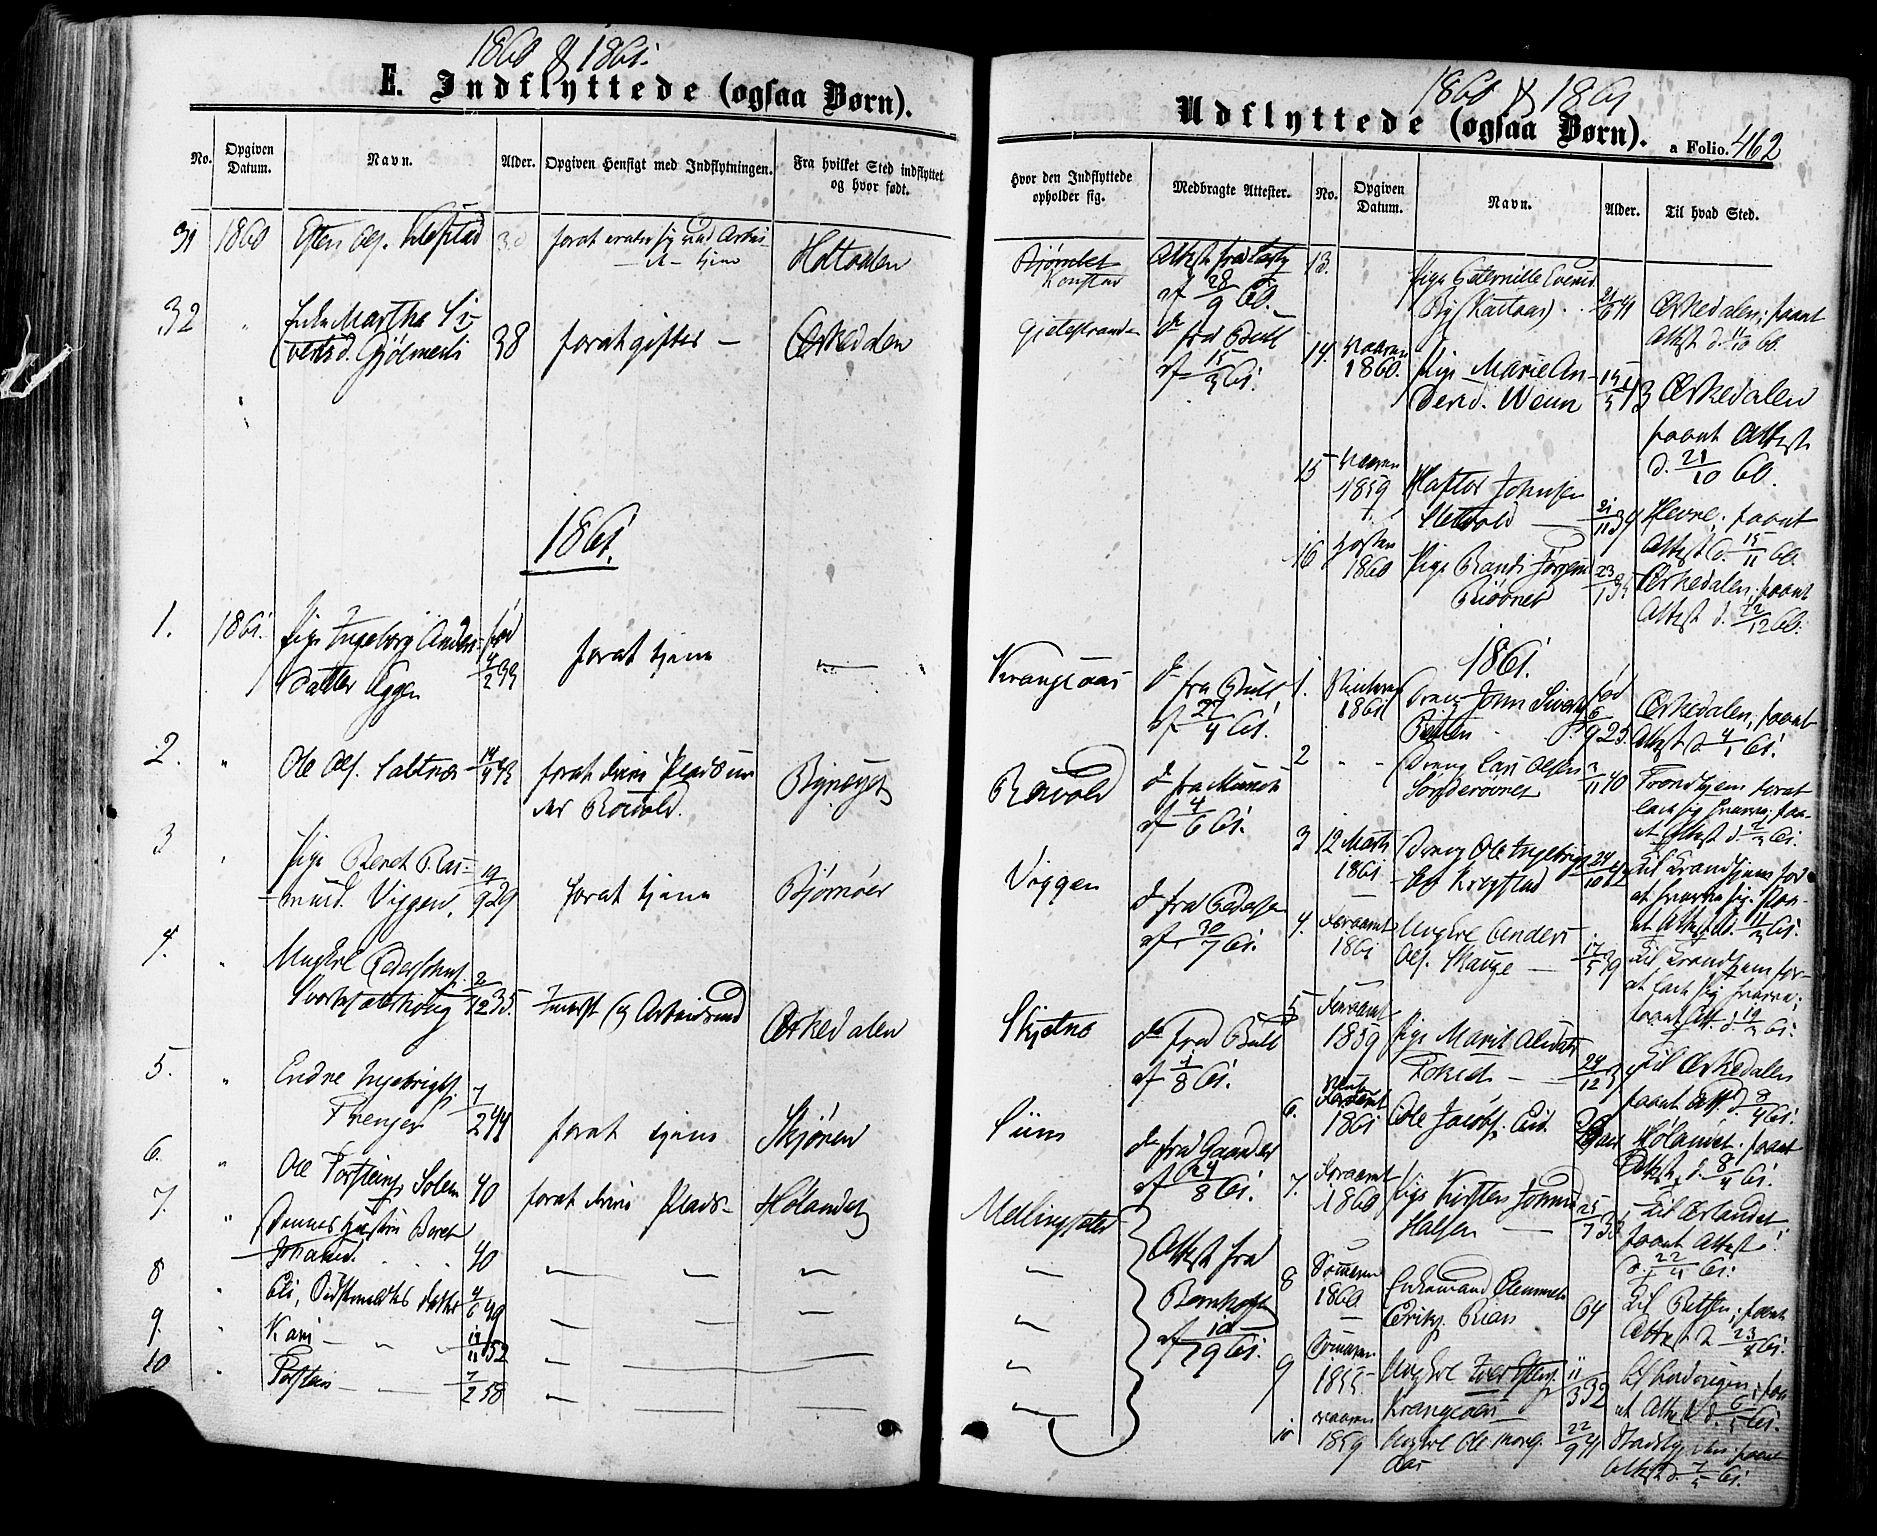 SAT, Ministerialprotokoller, klokkerbøker og fødselsregistre - Sør-Trøndelag, 665/L0772: Ministerialbok nr. 665A07, 1856-1878, s. 462